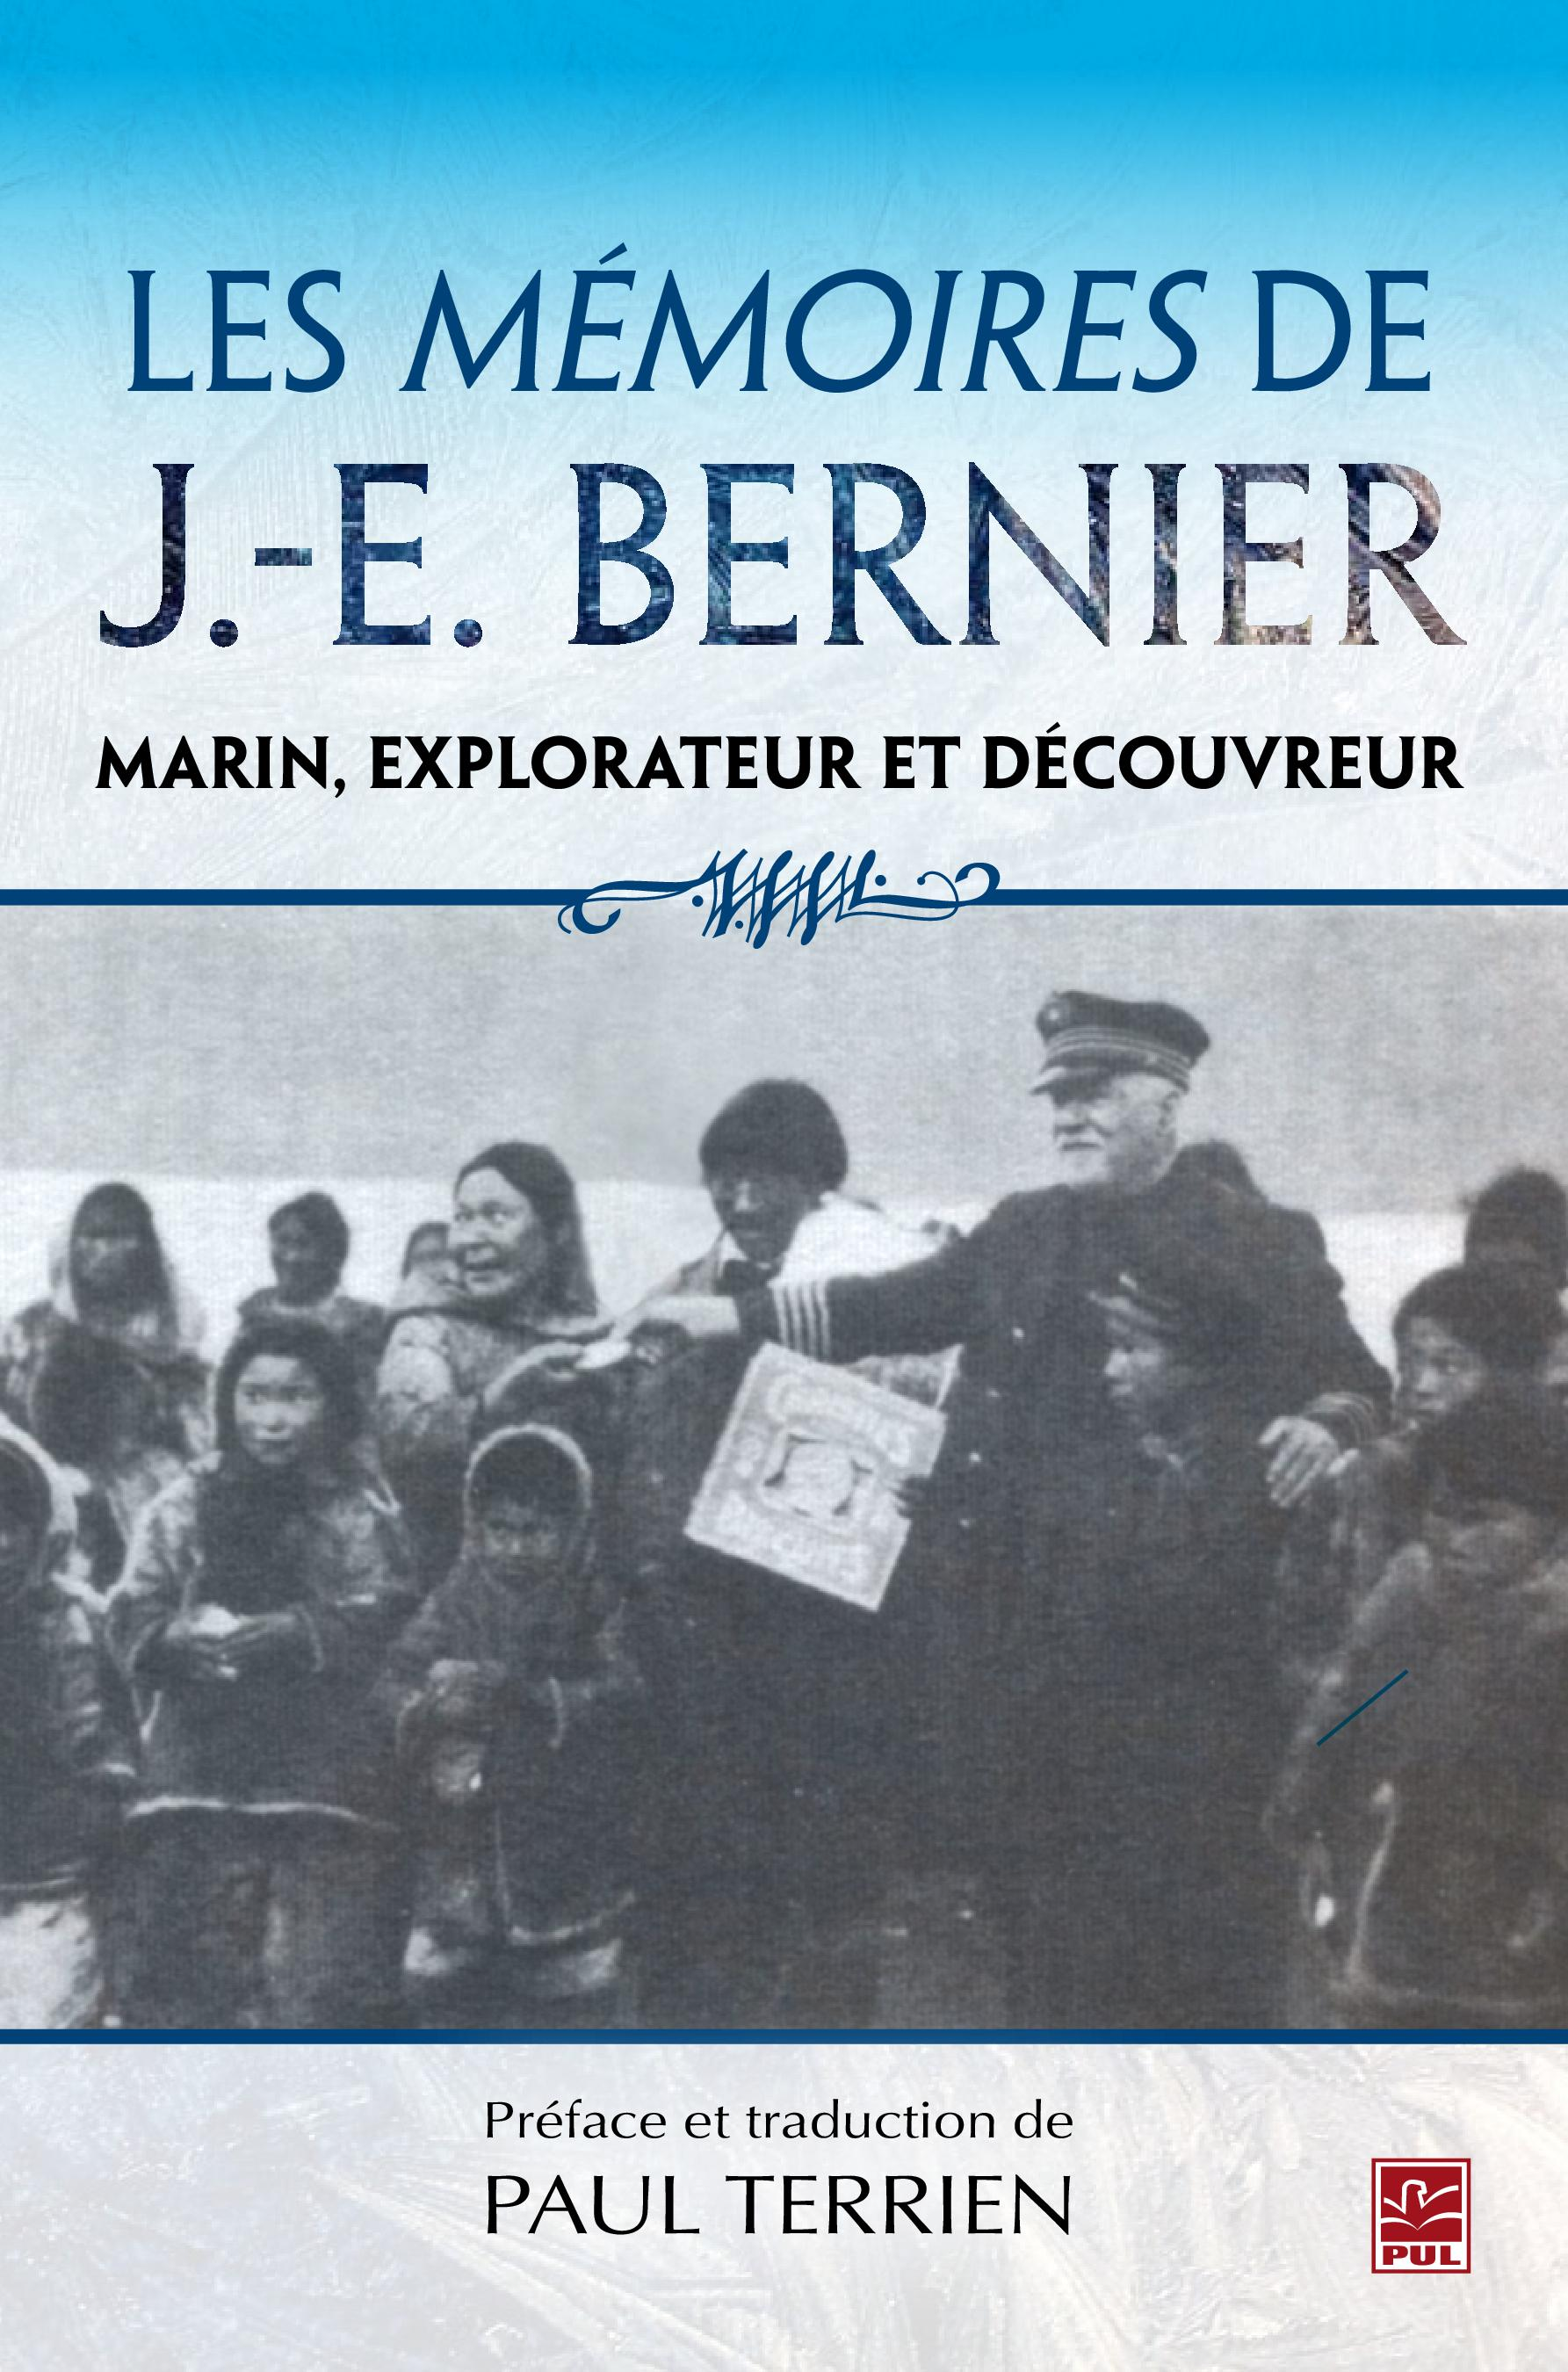 Les mémoires de J.E. Bernier